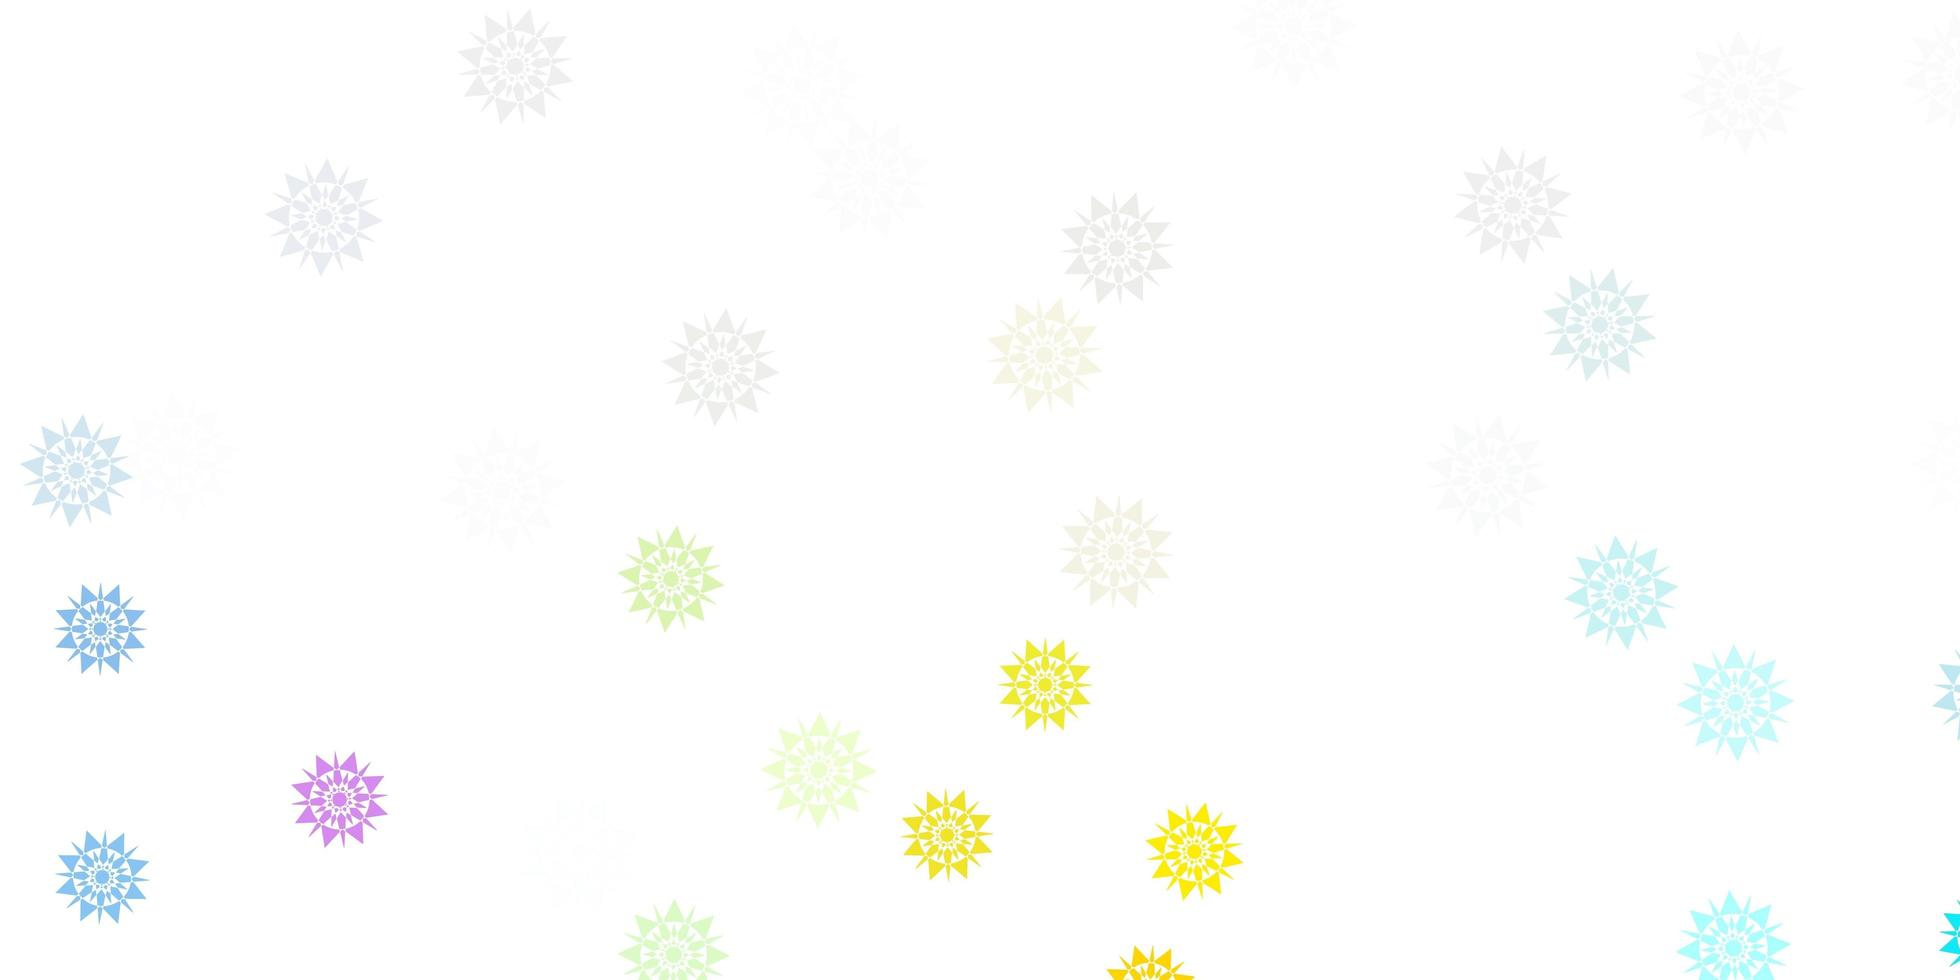 flerfärgade vackra snöflingor bakgrund vektor